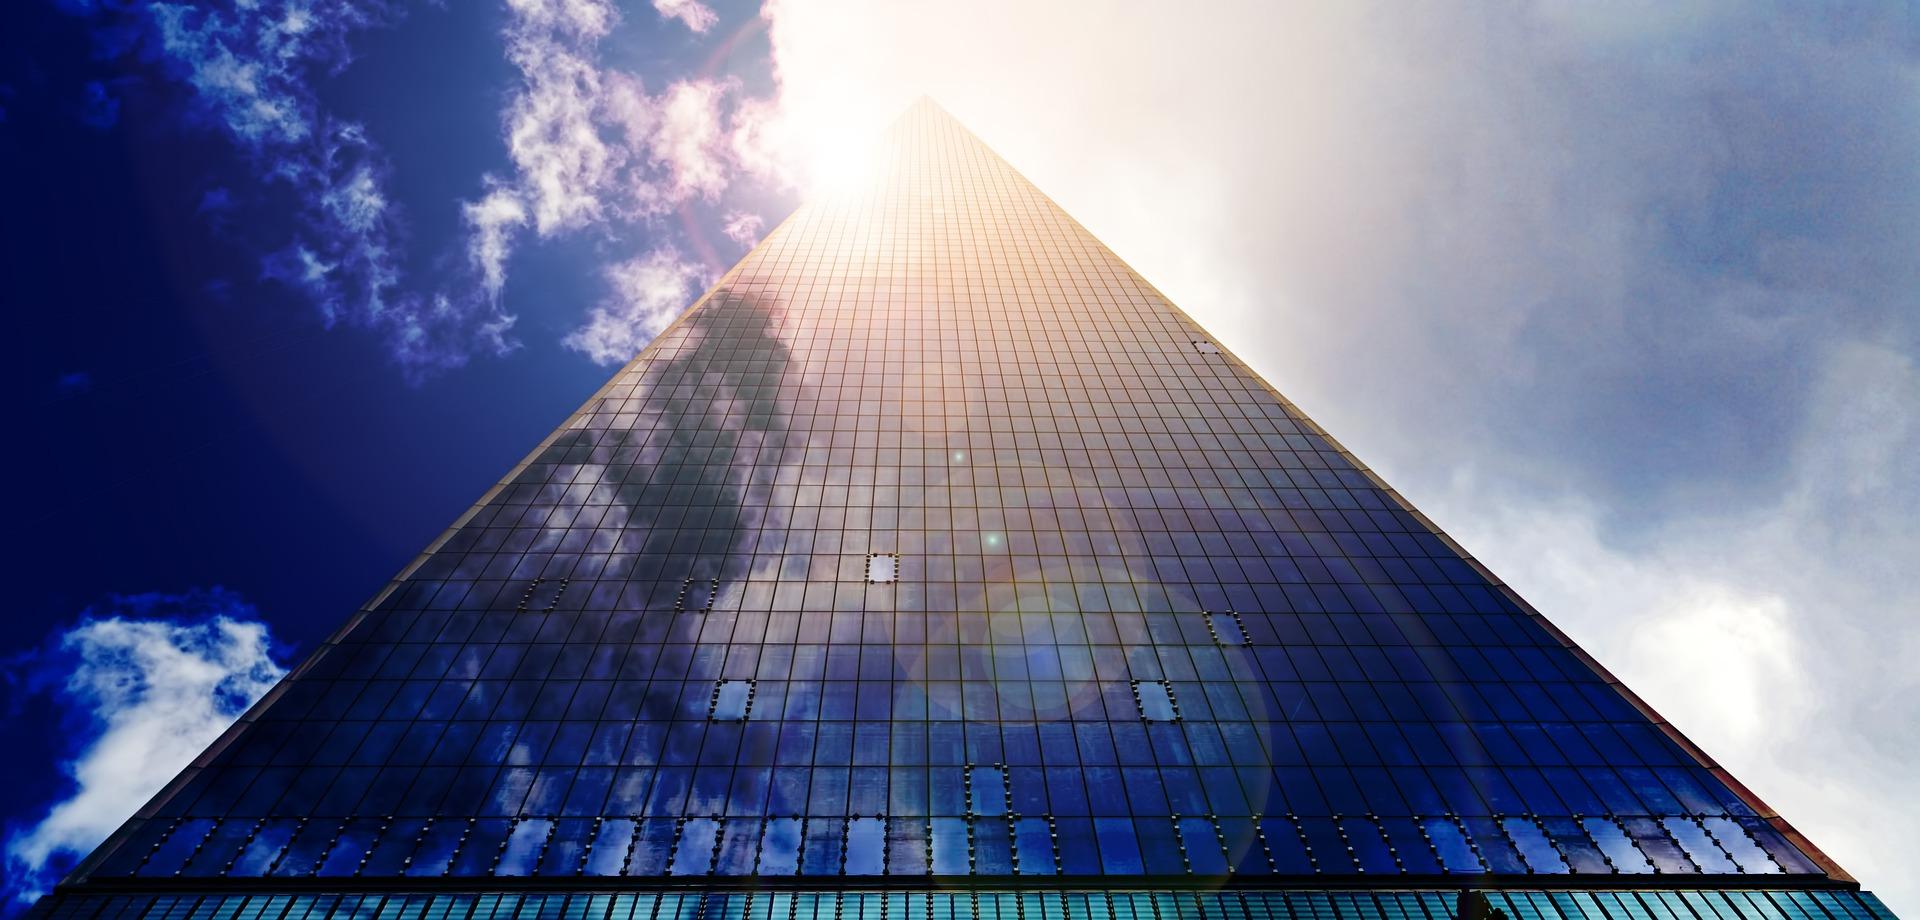 Skyscraper – Pixaway